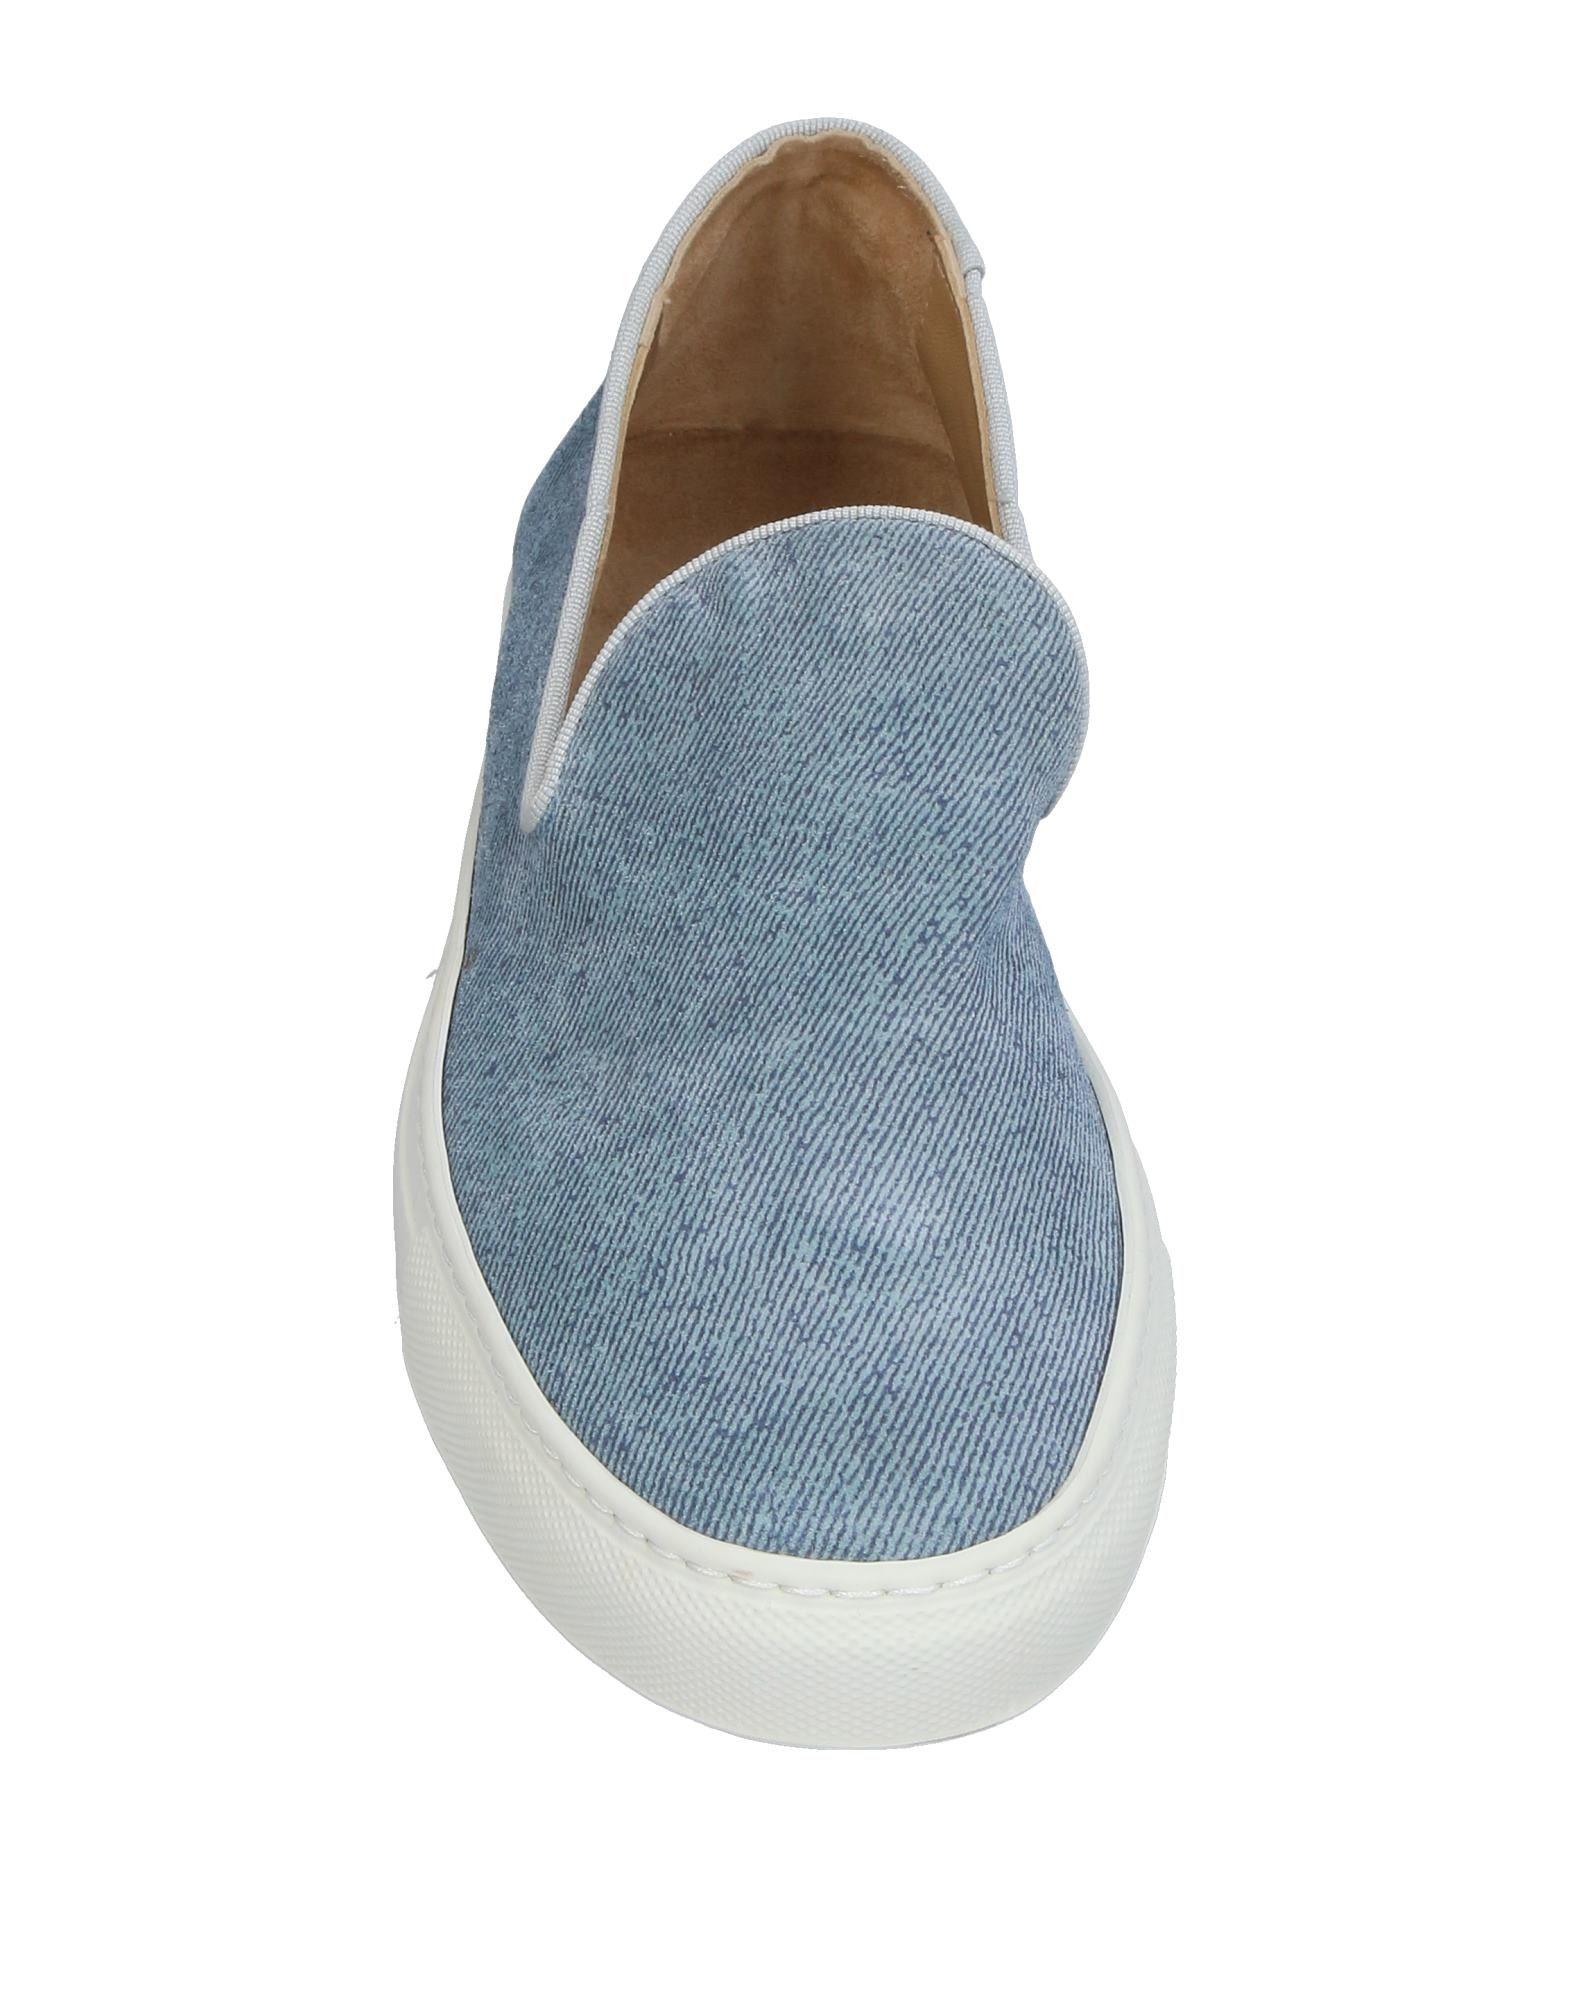 Rabatt Schuhe echte Schuhe Rabatt My Gufo Sneakers Herren  11390350HL af5c20